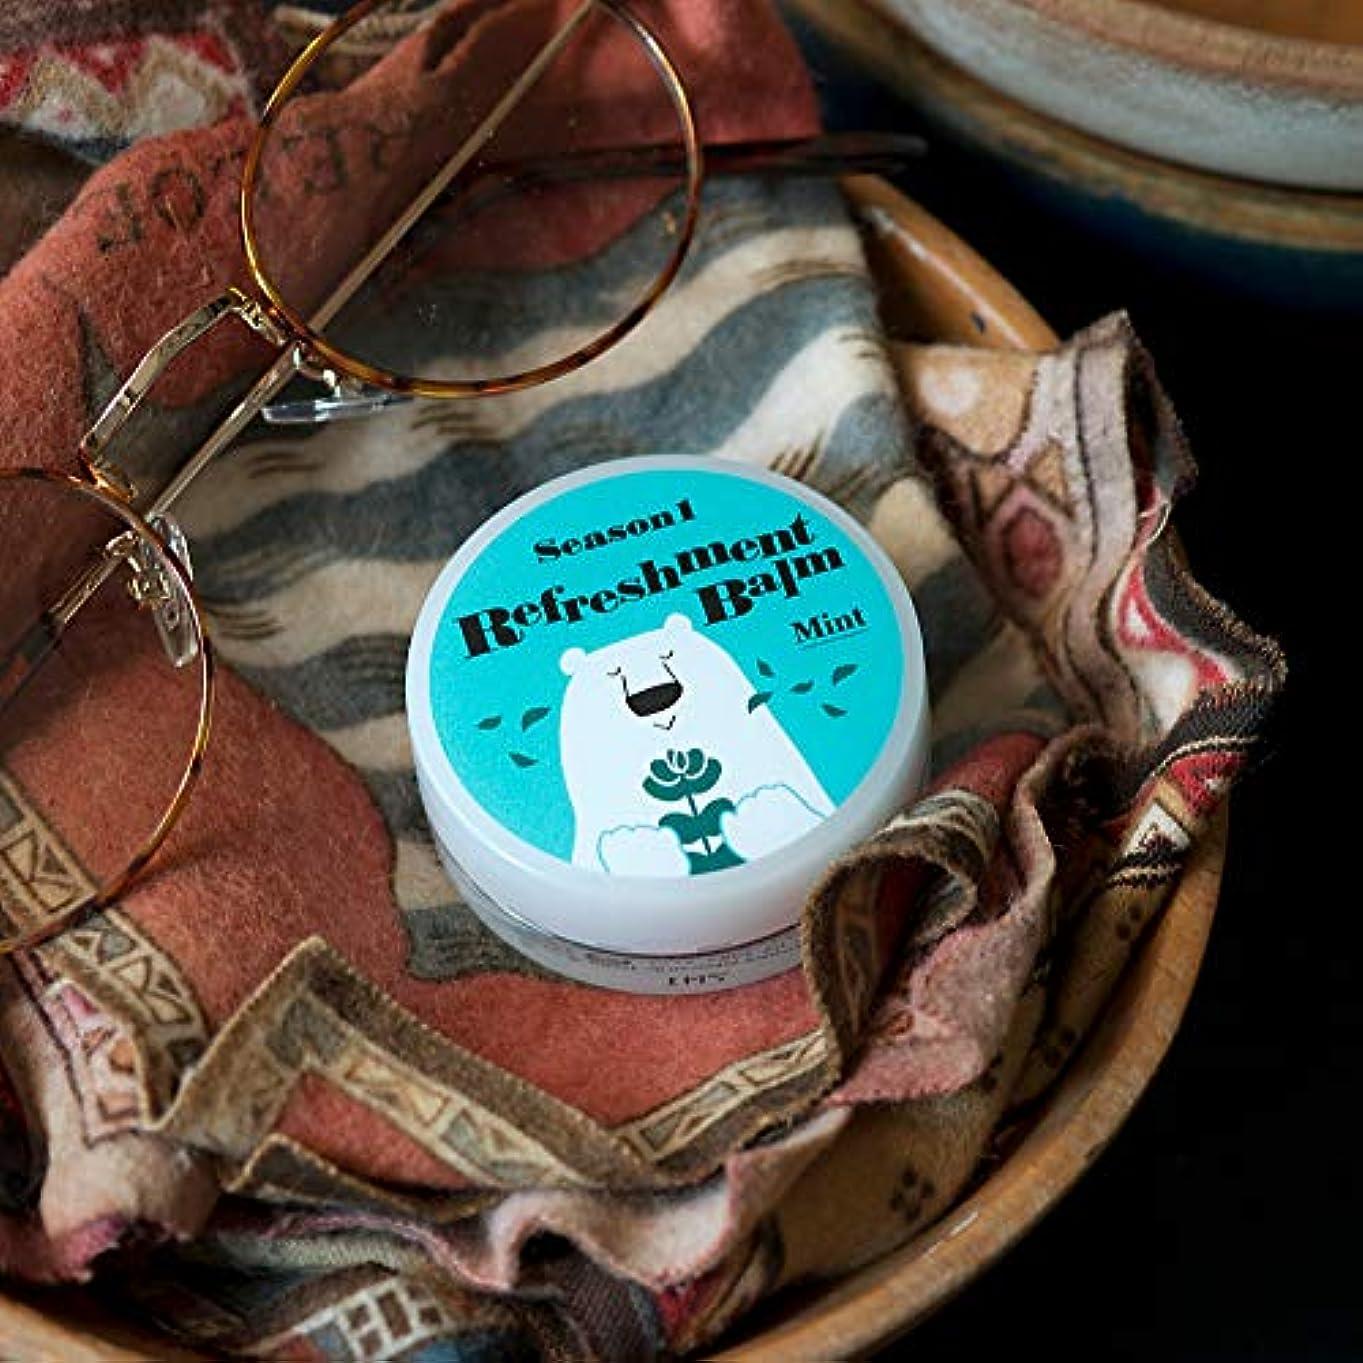 推論代わって出席する(美健)BIKEN カサカサ鼻にひと塗り リフレッシュメントバーム ミント エッセンシャルオイル(精油)のみで香り付け